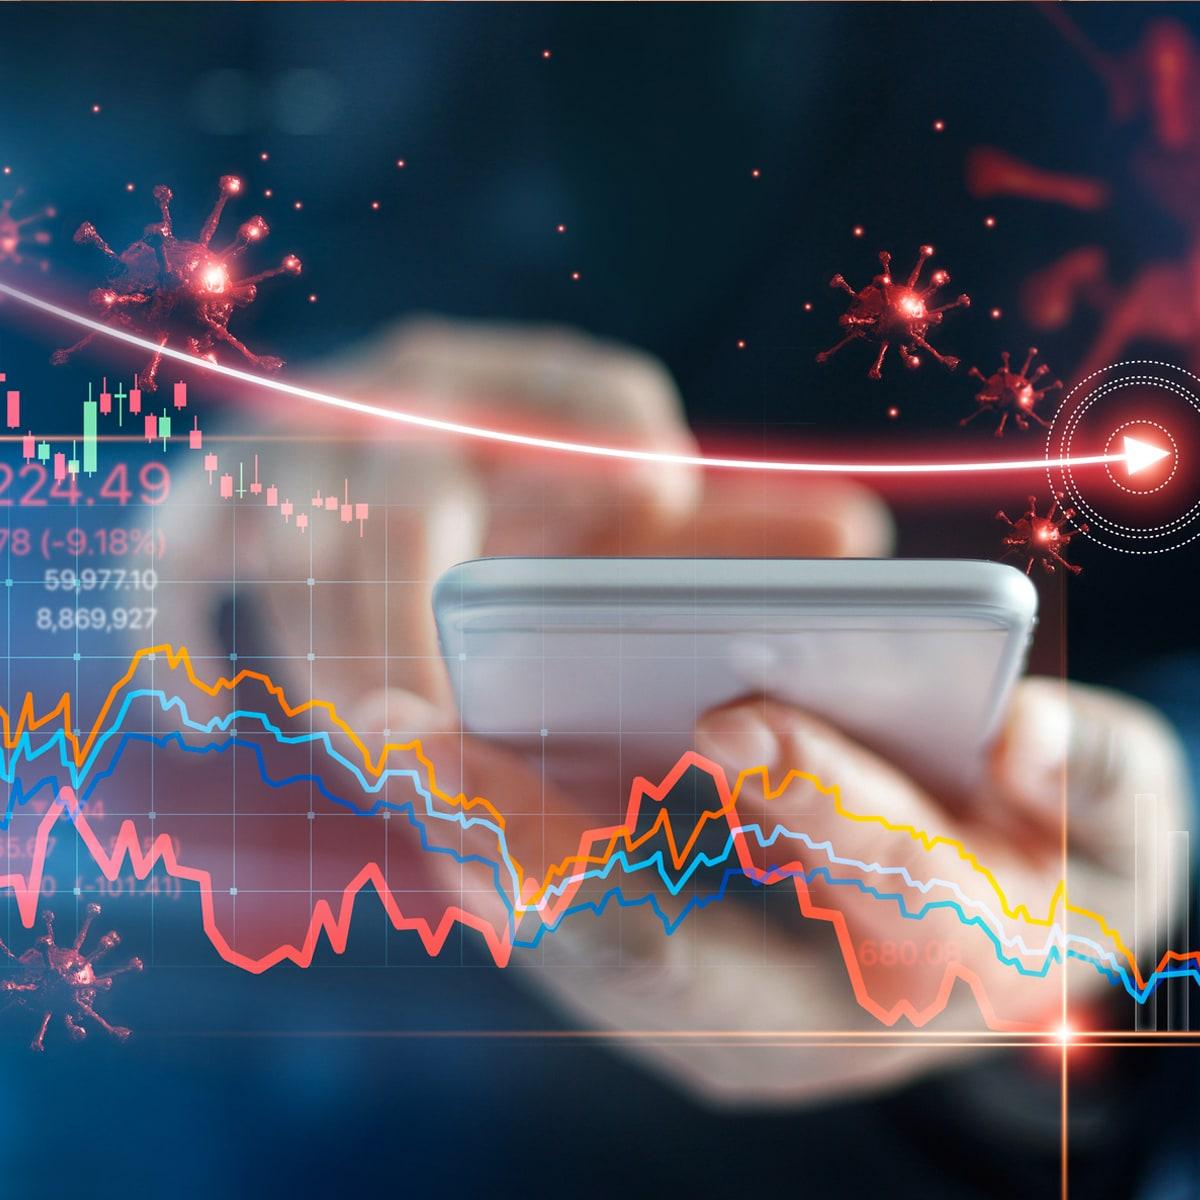 Azionario: il mercato riprende la corsa (ma pesano timori su inflazione)